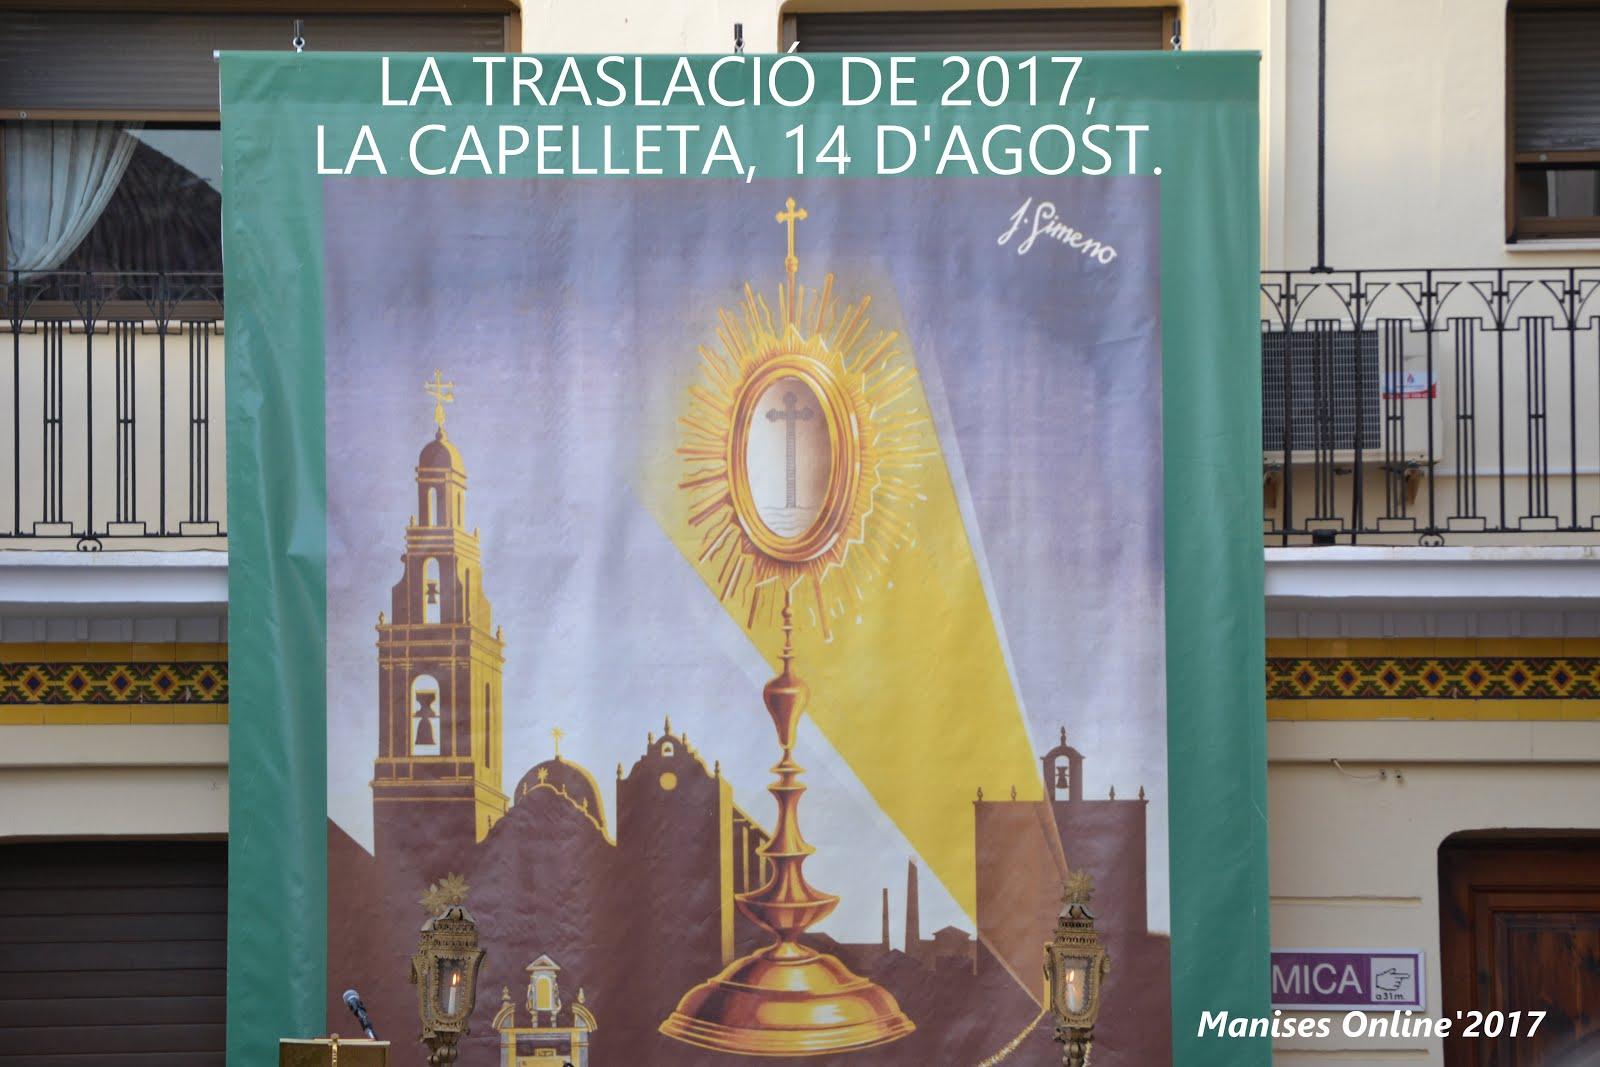 14.08.17 LA TRASLACIÓ, FA 266 ANYS DEL VELL AL NOU TEMPLE